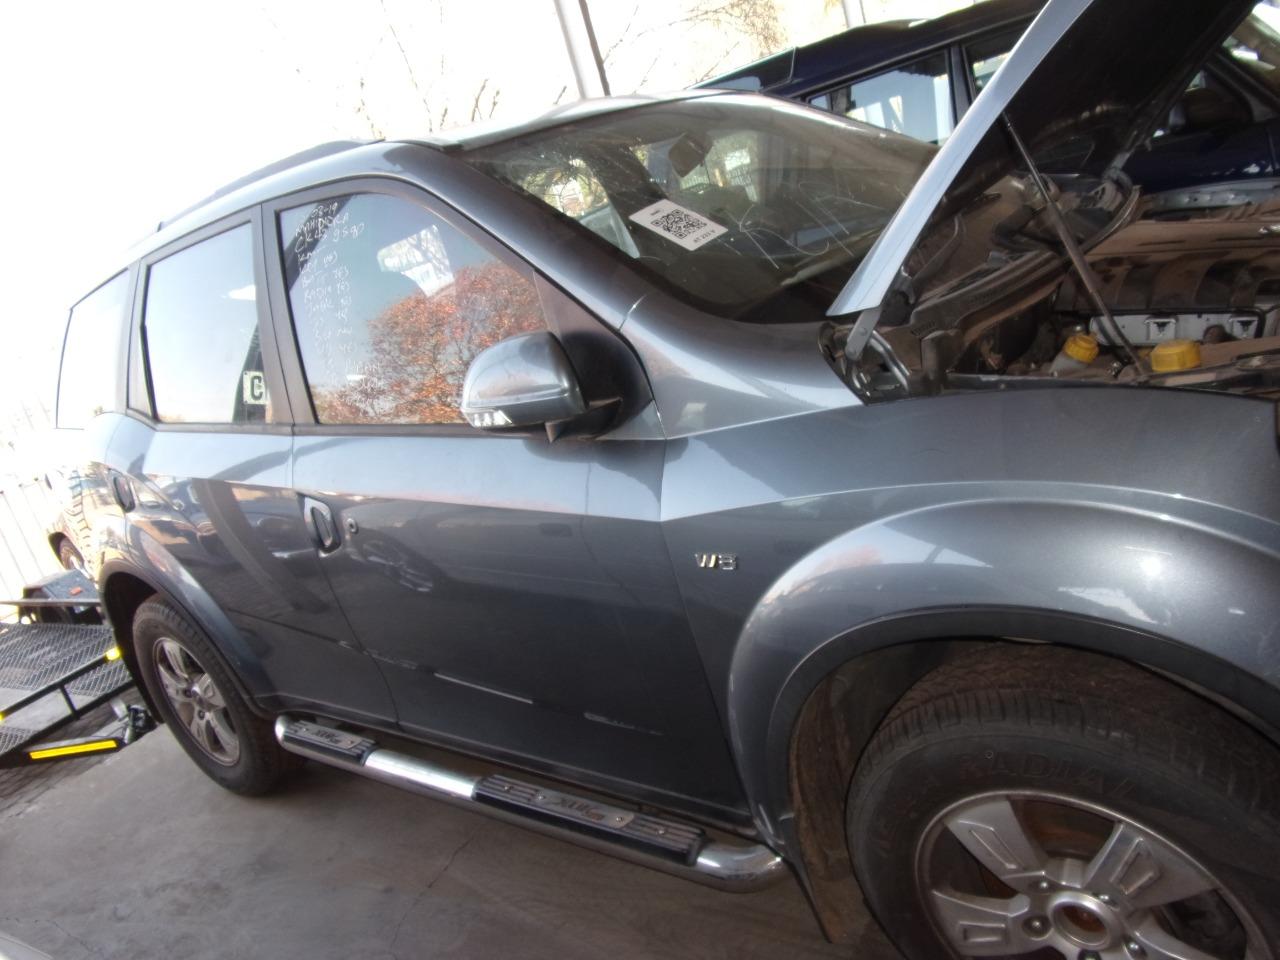 2013 Mahindra Xuv500 Xuv 500 2 2d Mhawk W8 7 Seat Junk